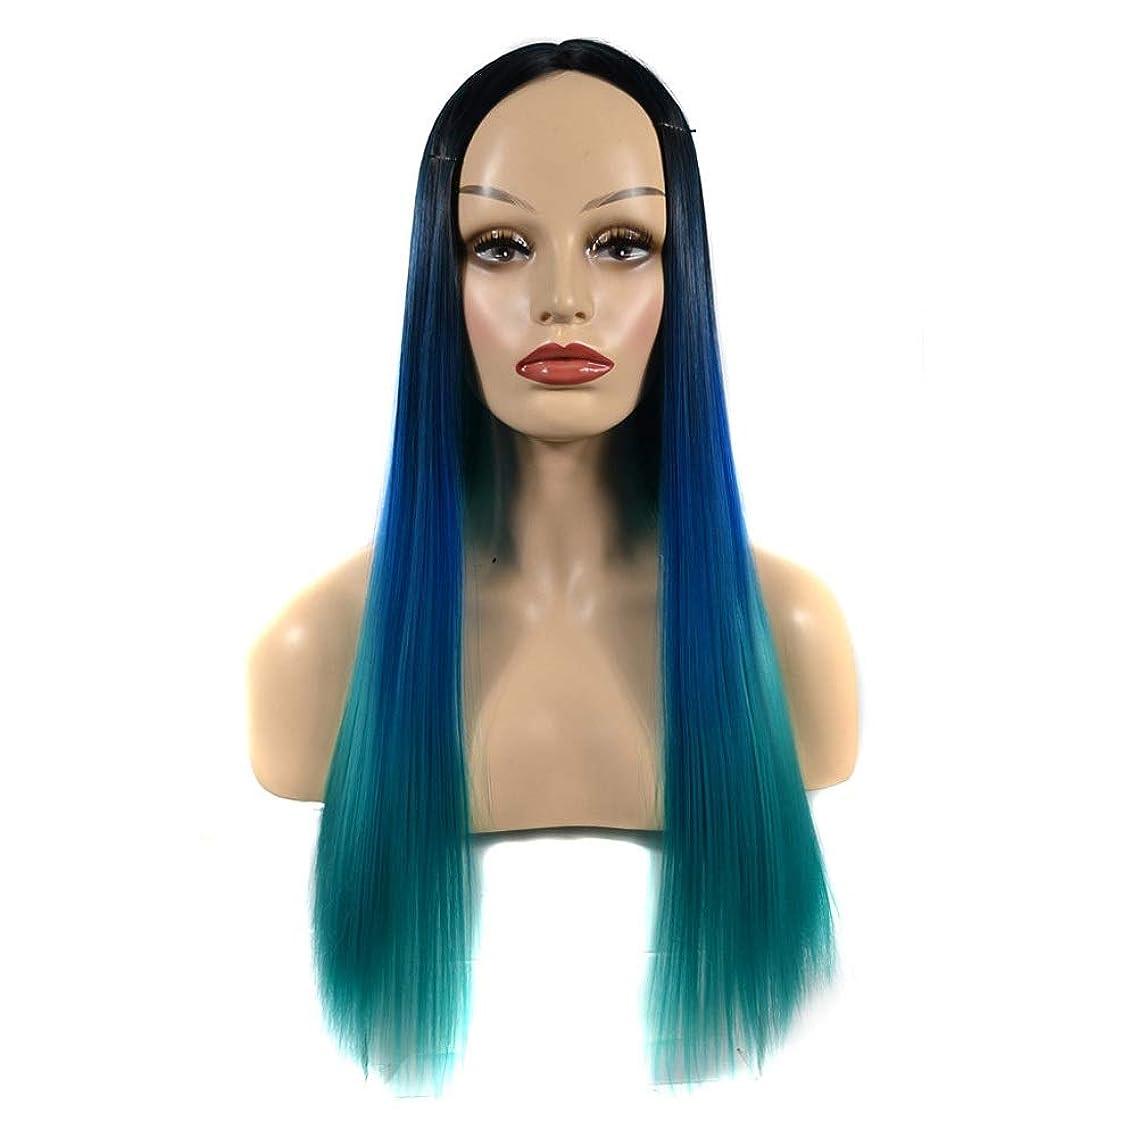 発行する寄託恵みYESONEEP 女性のストレートフルウィッグロングピーコックグリーンヘアウィッグエレガントなレディパーティーデイリードレスパーティーウィッグ (Color : オレンジ, サイズ : 60cm)